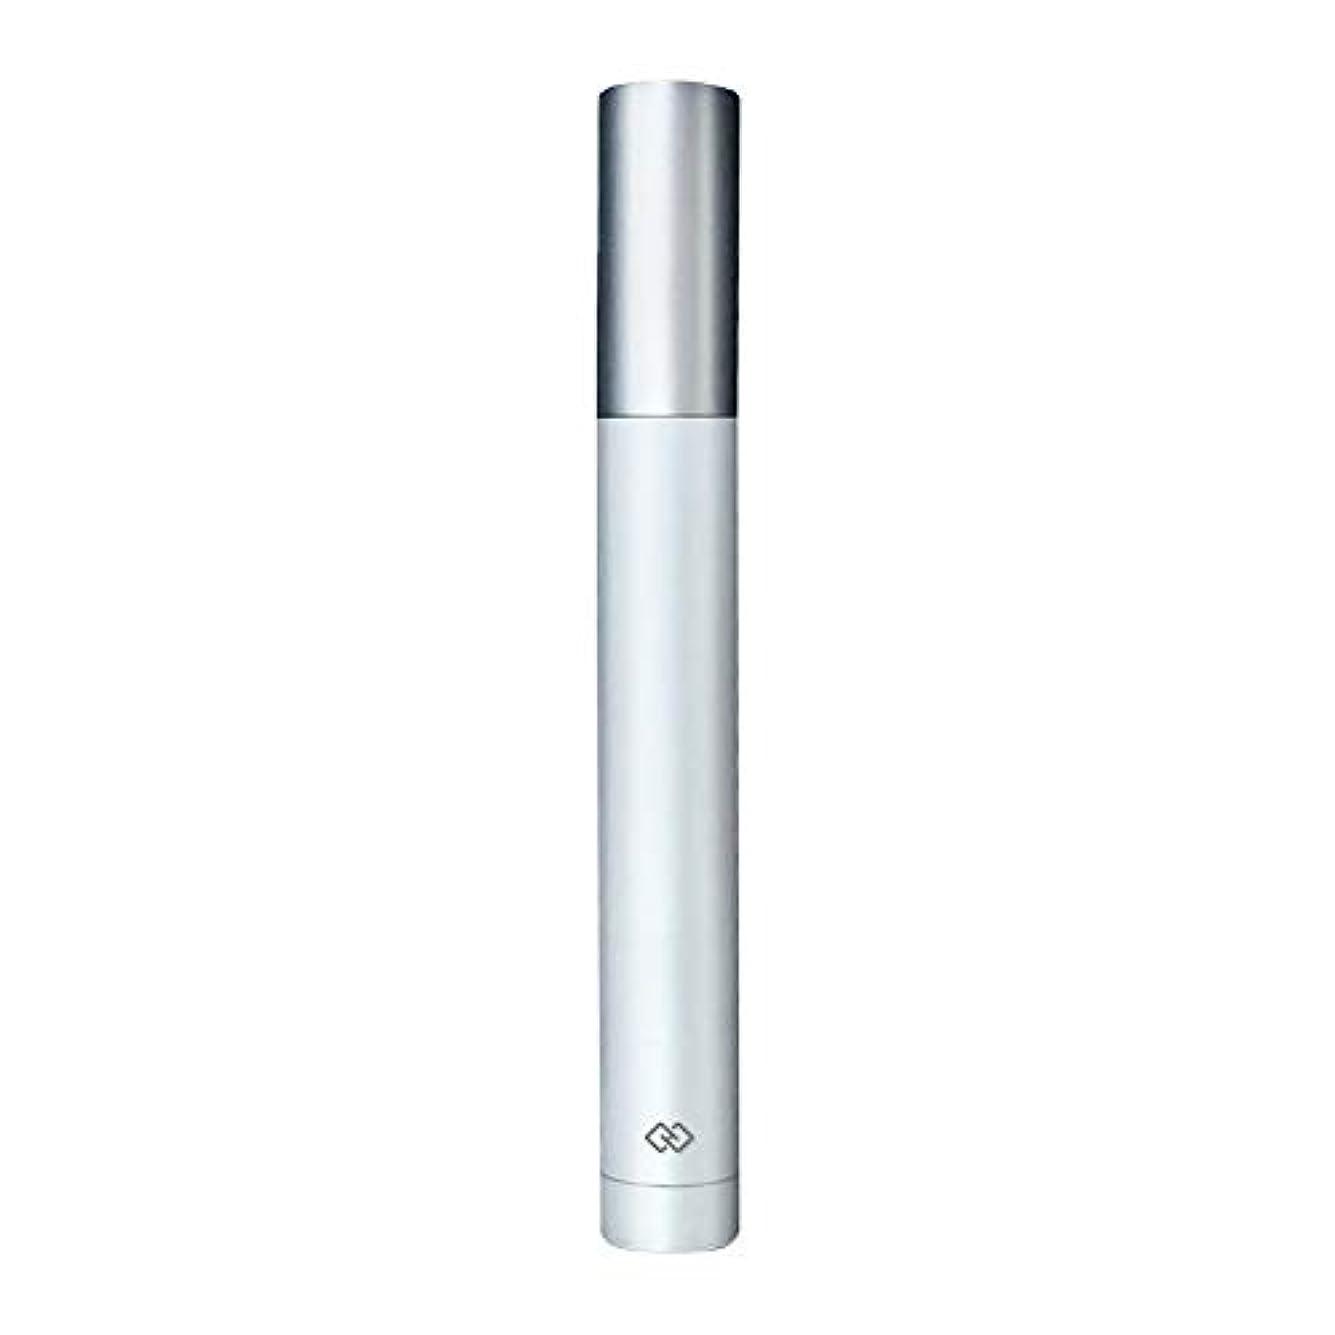 資産バン国家鼻毛トリマー-密閉防水効果/シングルカッターヘッドシャープで耐久性のある/男性用剃毛鼻毛はさみ/ポータブルデザイン、旅行に便利/ 12.9 * 1.65cm 操作が簡単 (Color : White)